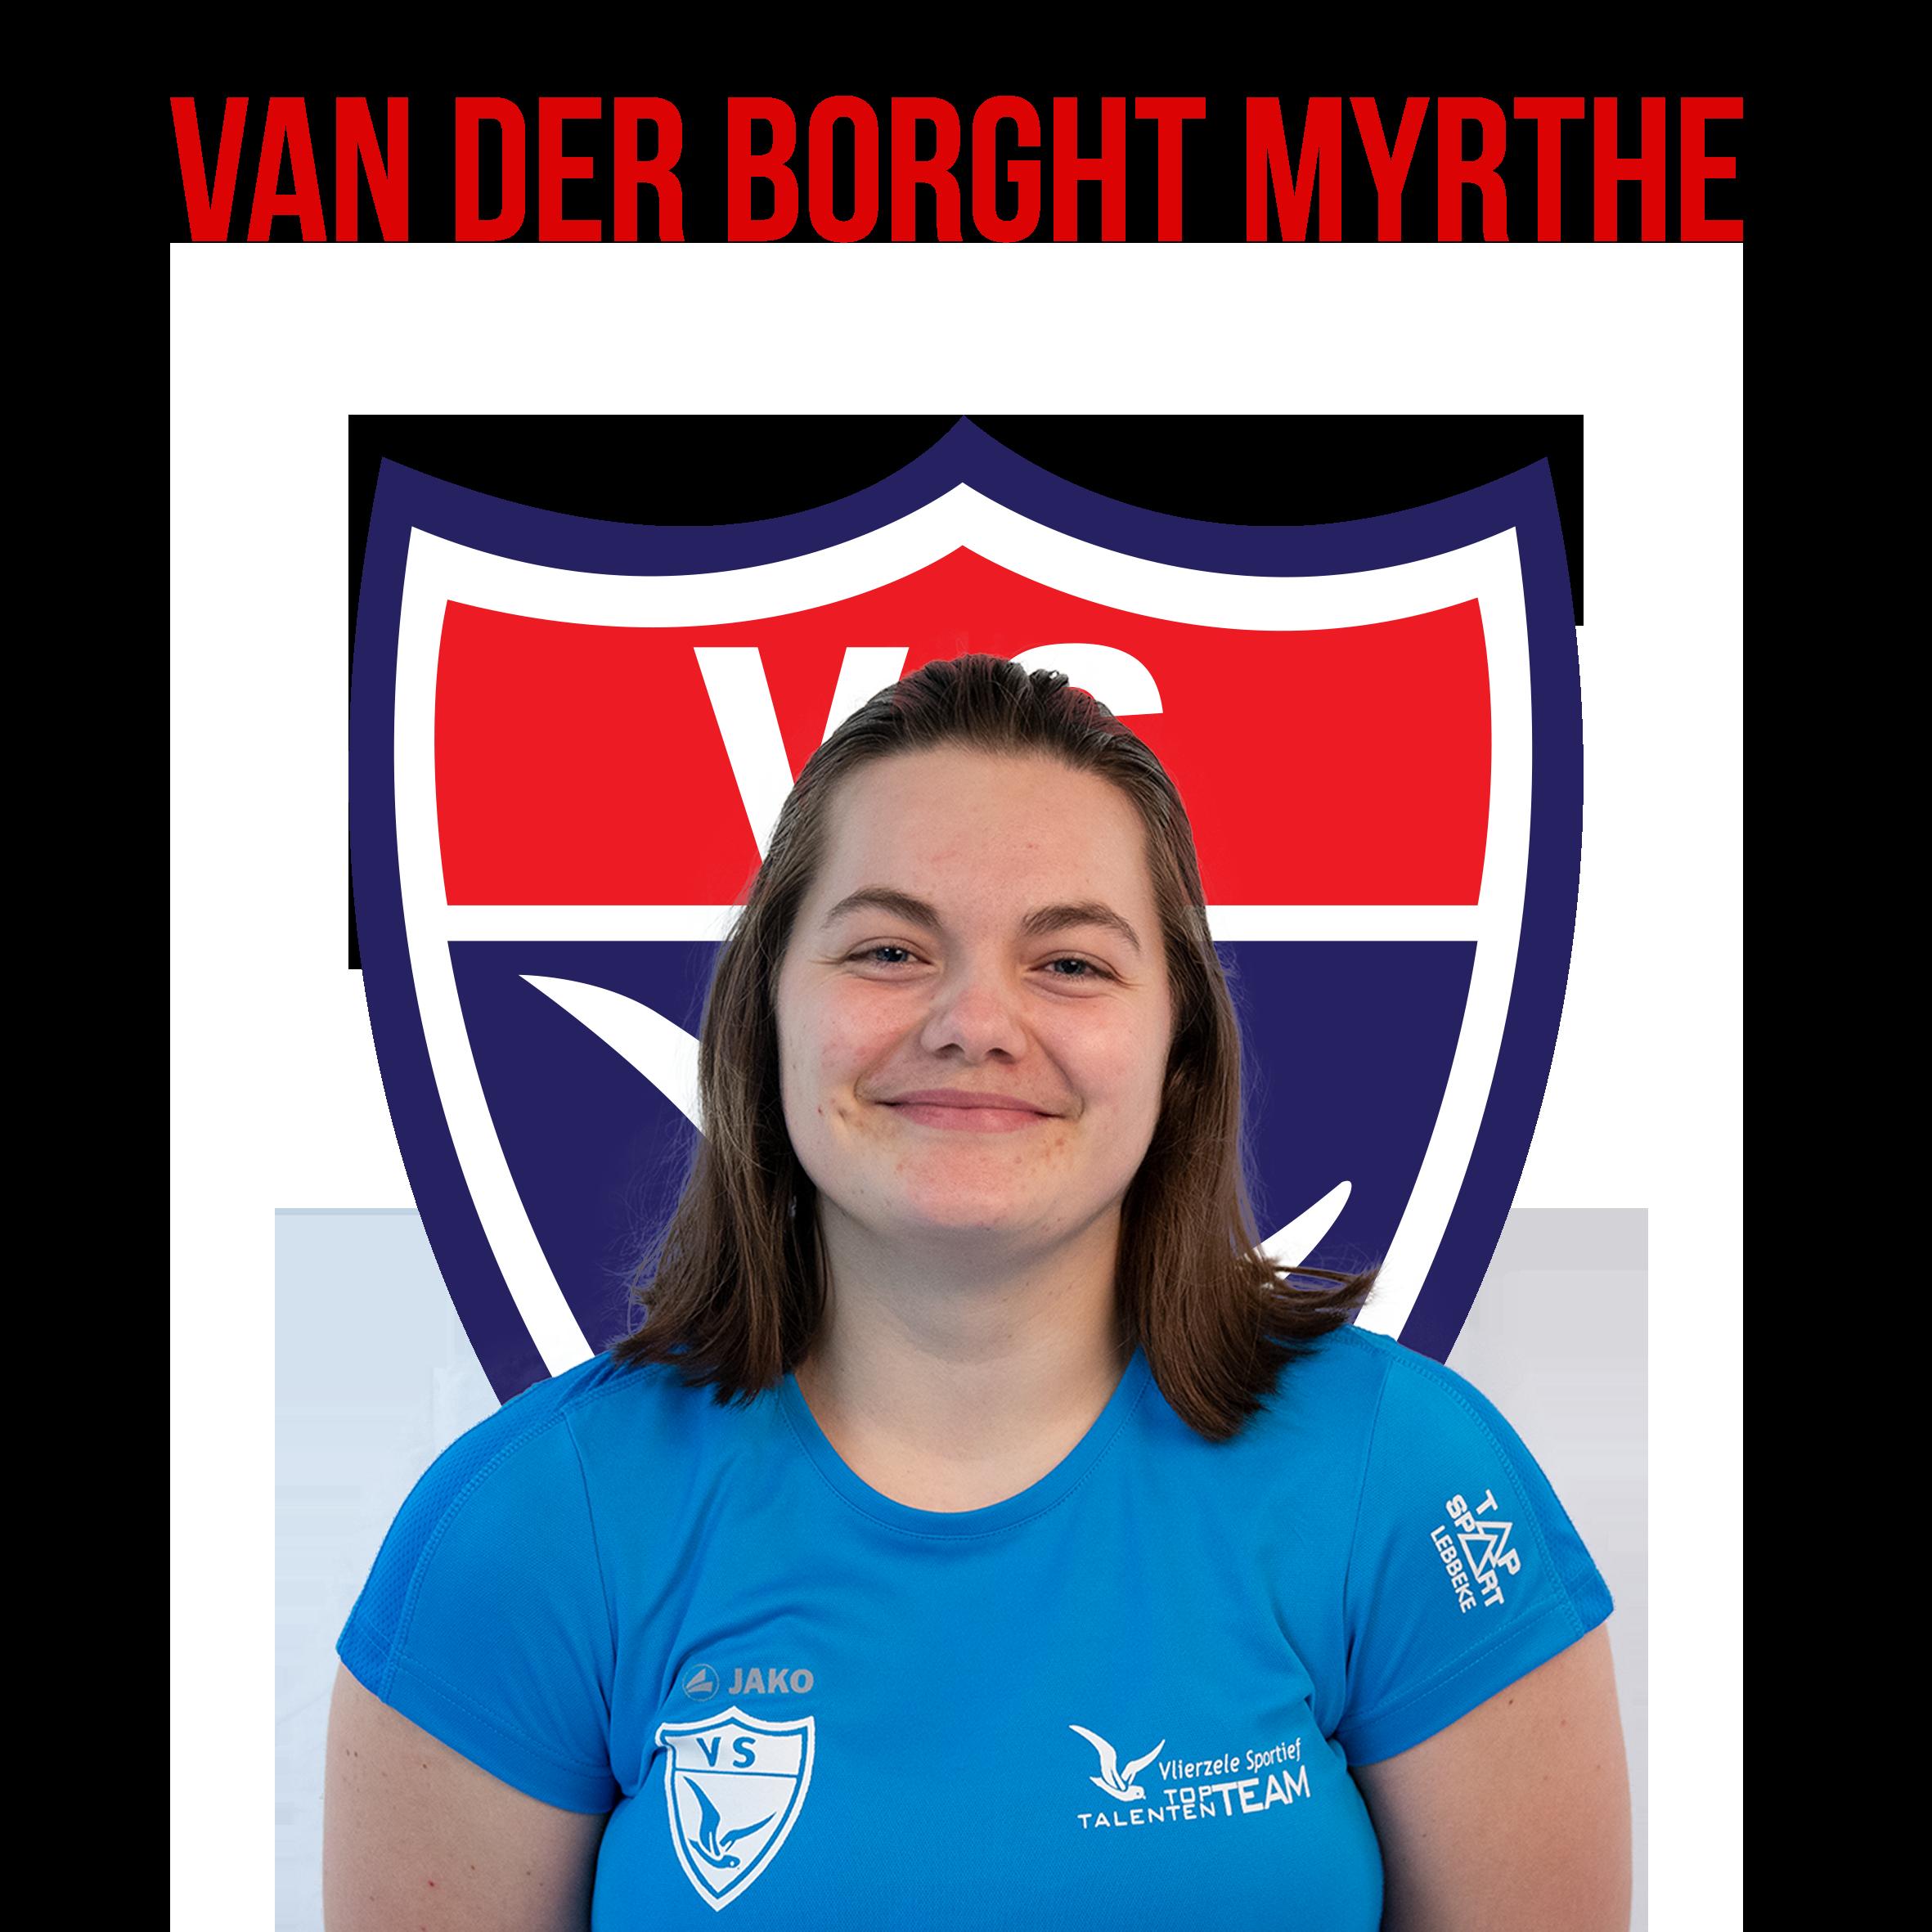 Van_der_borght_Myrthe